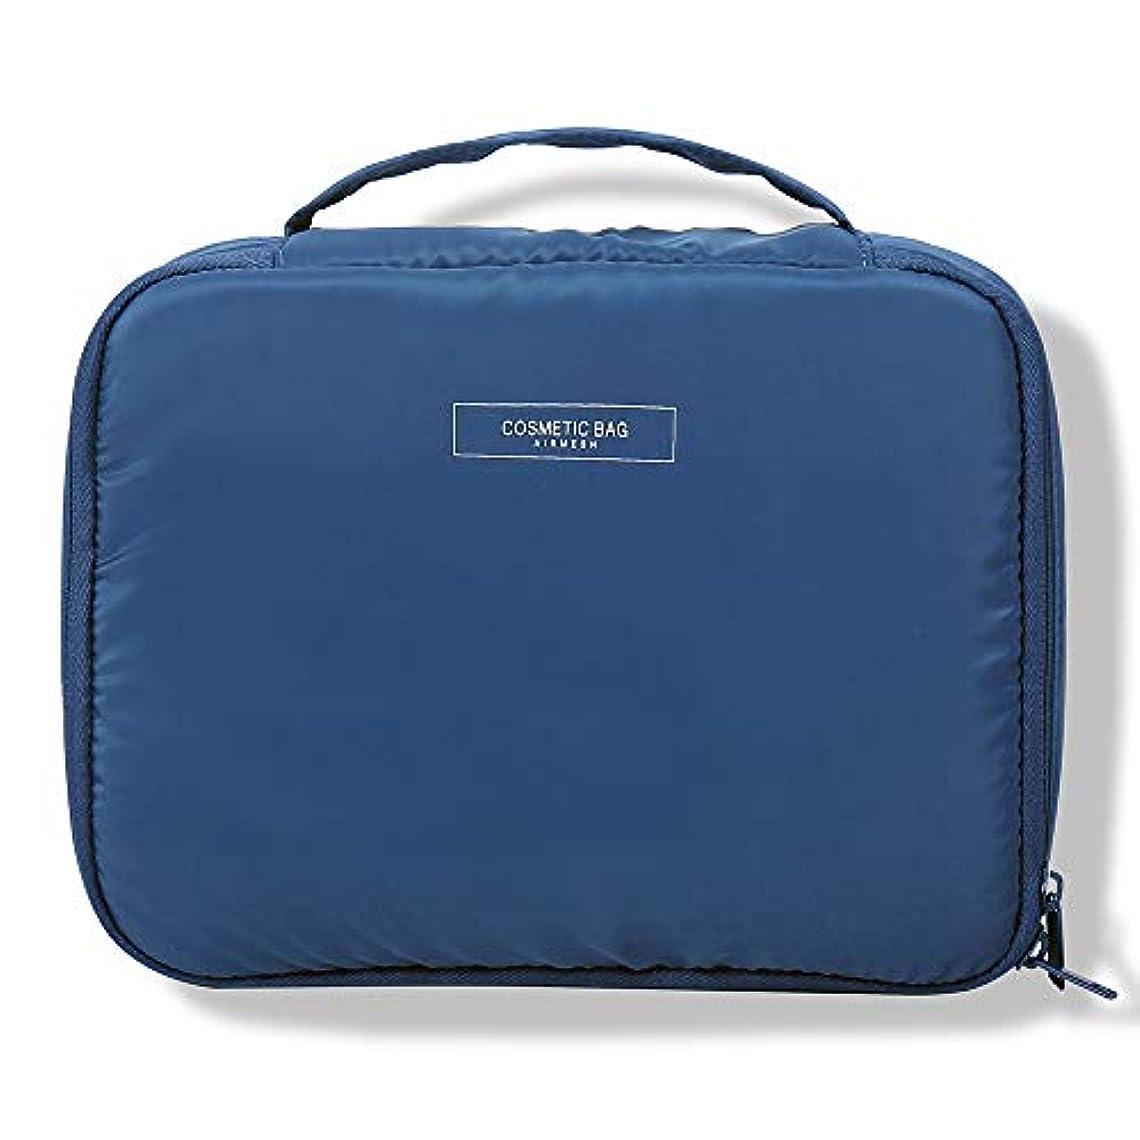 メイクボックス 高品質 機能的 大容量 化粧ポーチ メイクブラシバッグ 収納ケース スーツケース?トラベルバッグ 化粧 バッグ メイクブラシ 化粧道具 小物入れ 旅行 ネビー